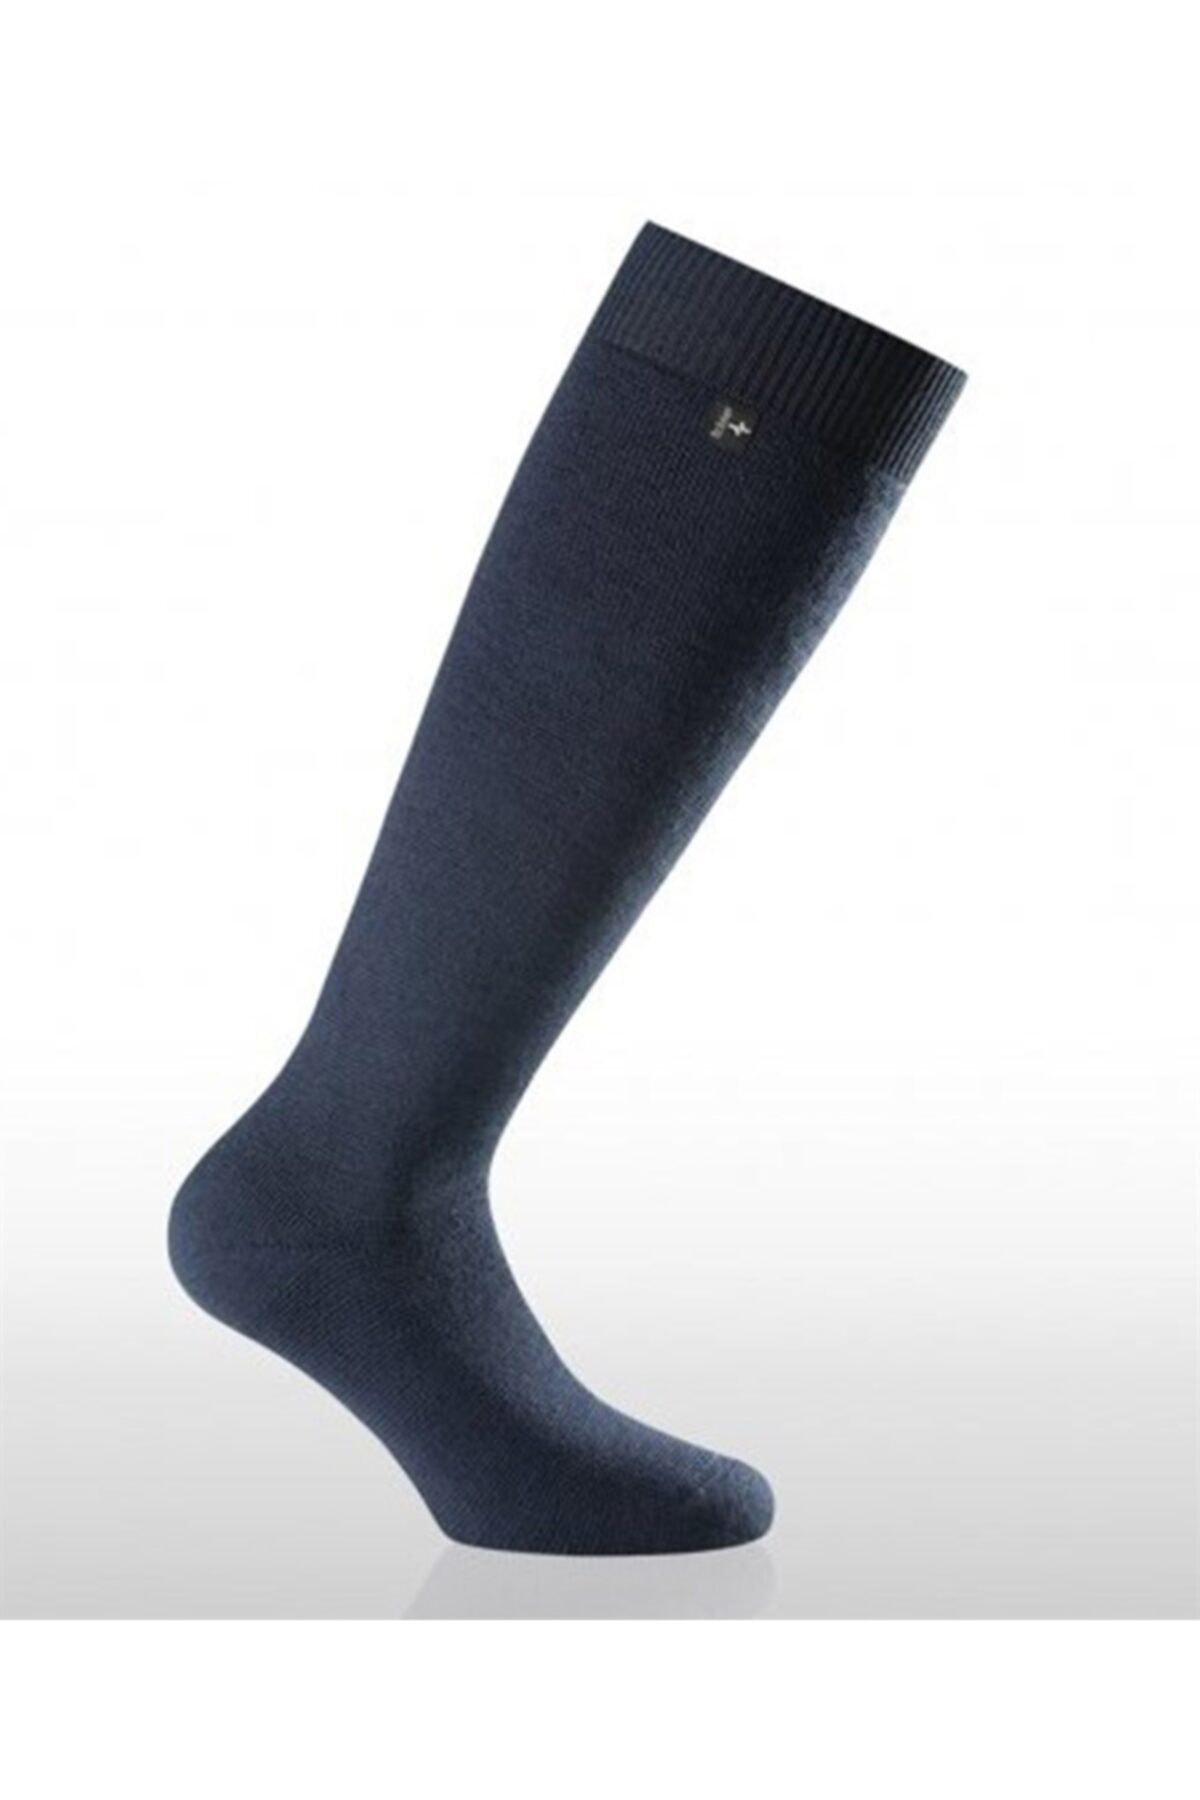 Rohner Skı Thermal Socks 1